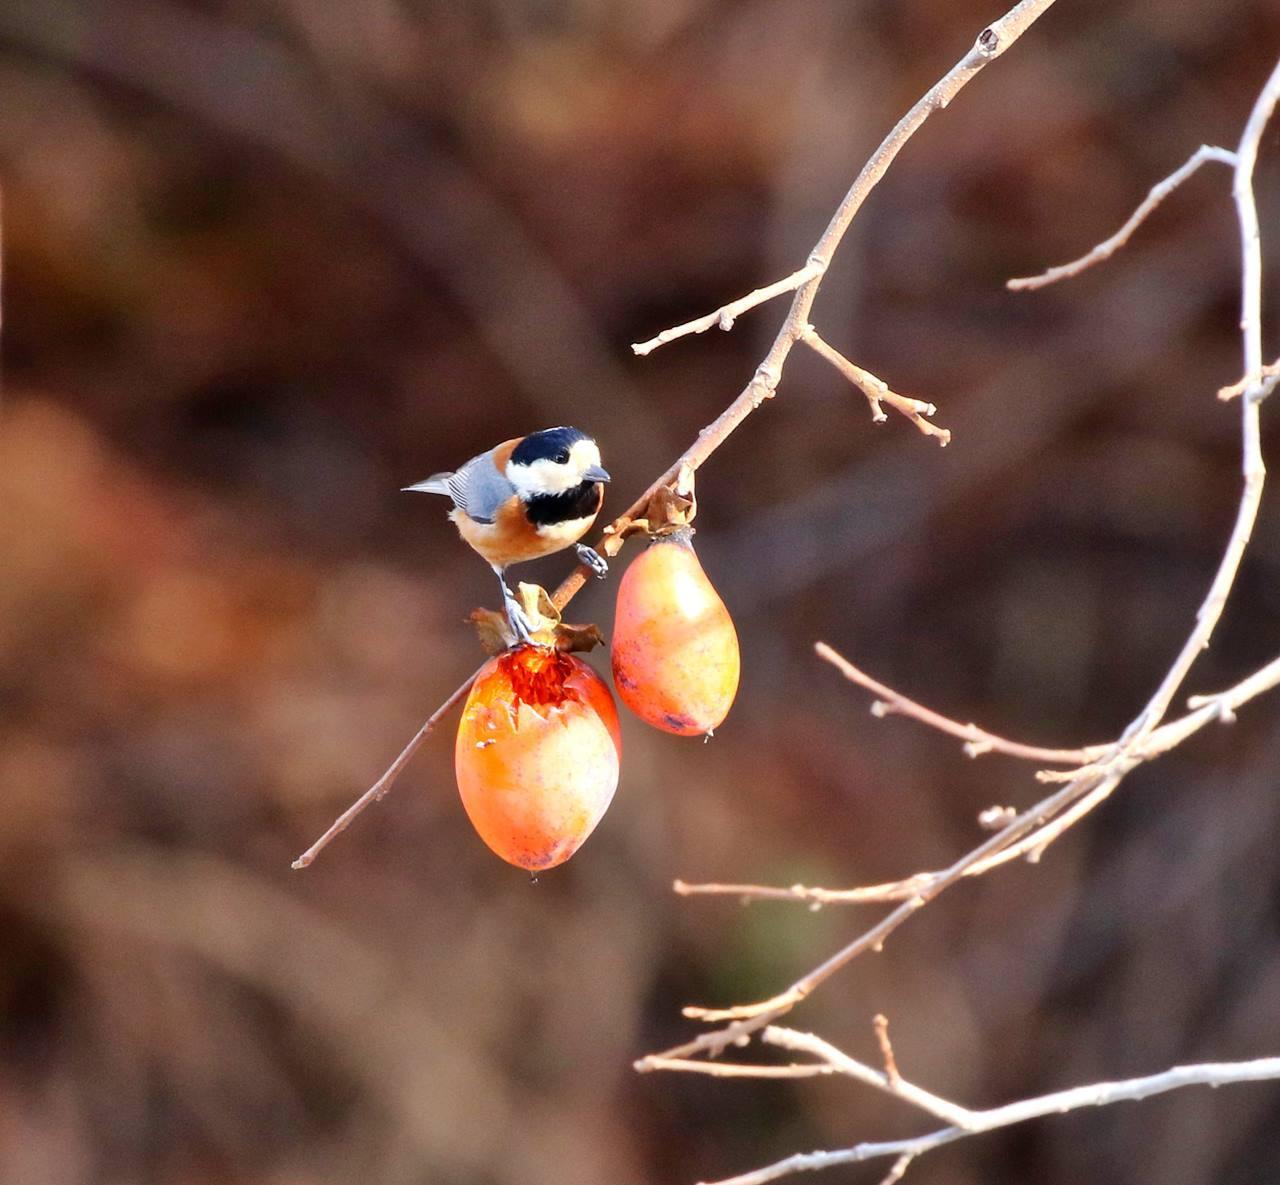 熟れた柿にやって来た野鳥たち・・・_c0213607_22072821.jpg